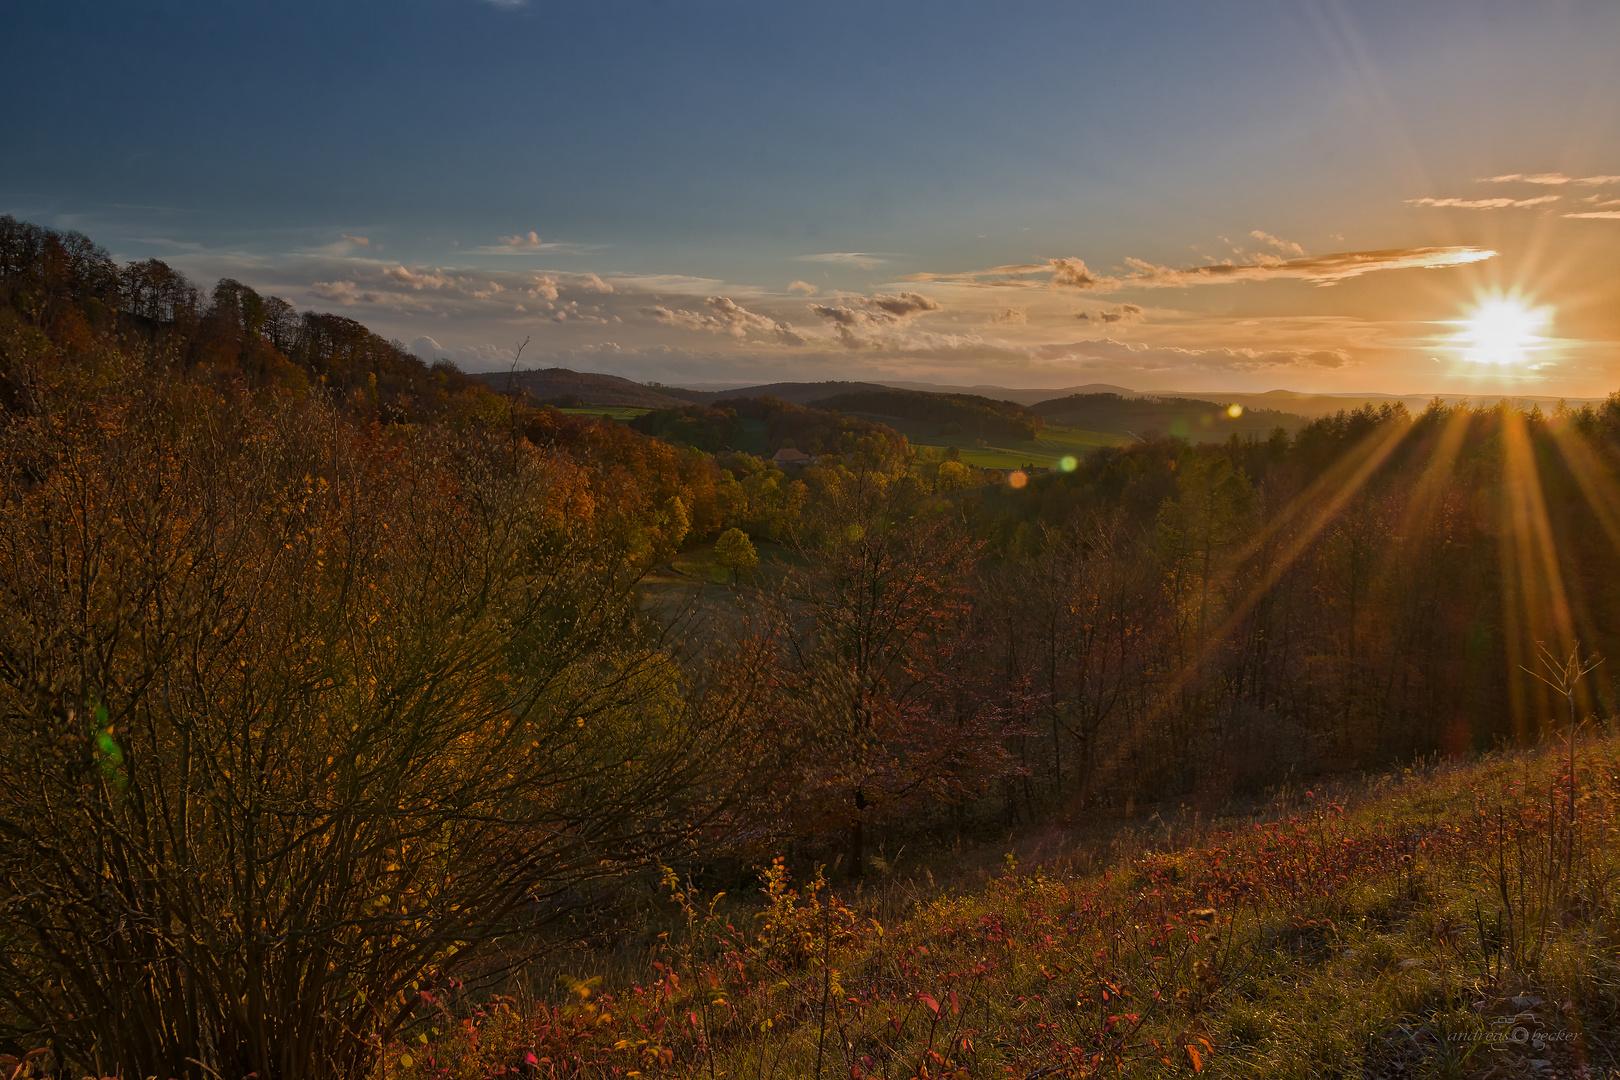 Sonnenuntergang mit Herbstlaub bei Bühle